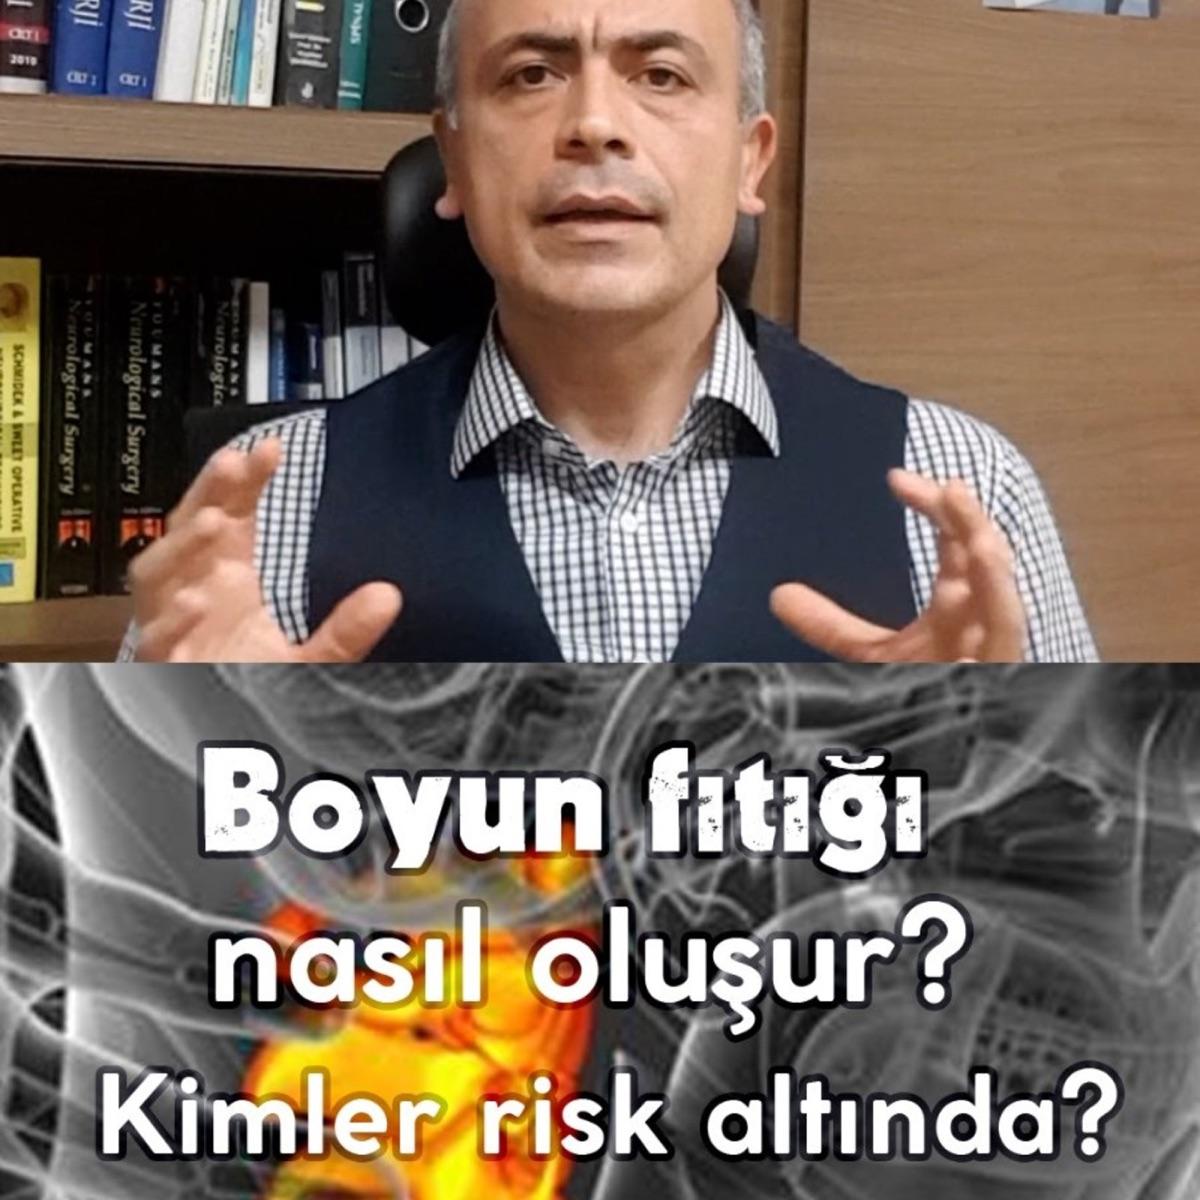 Boyun fıtığı mı dediniz? Boyun fıtığı nasıl oluşur? Kimler risk altında? Prof.Dr.Duran Berker Cemil